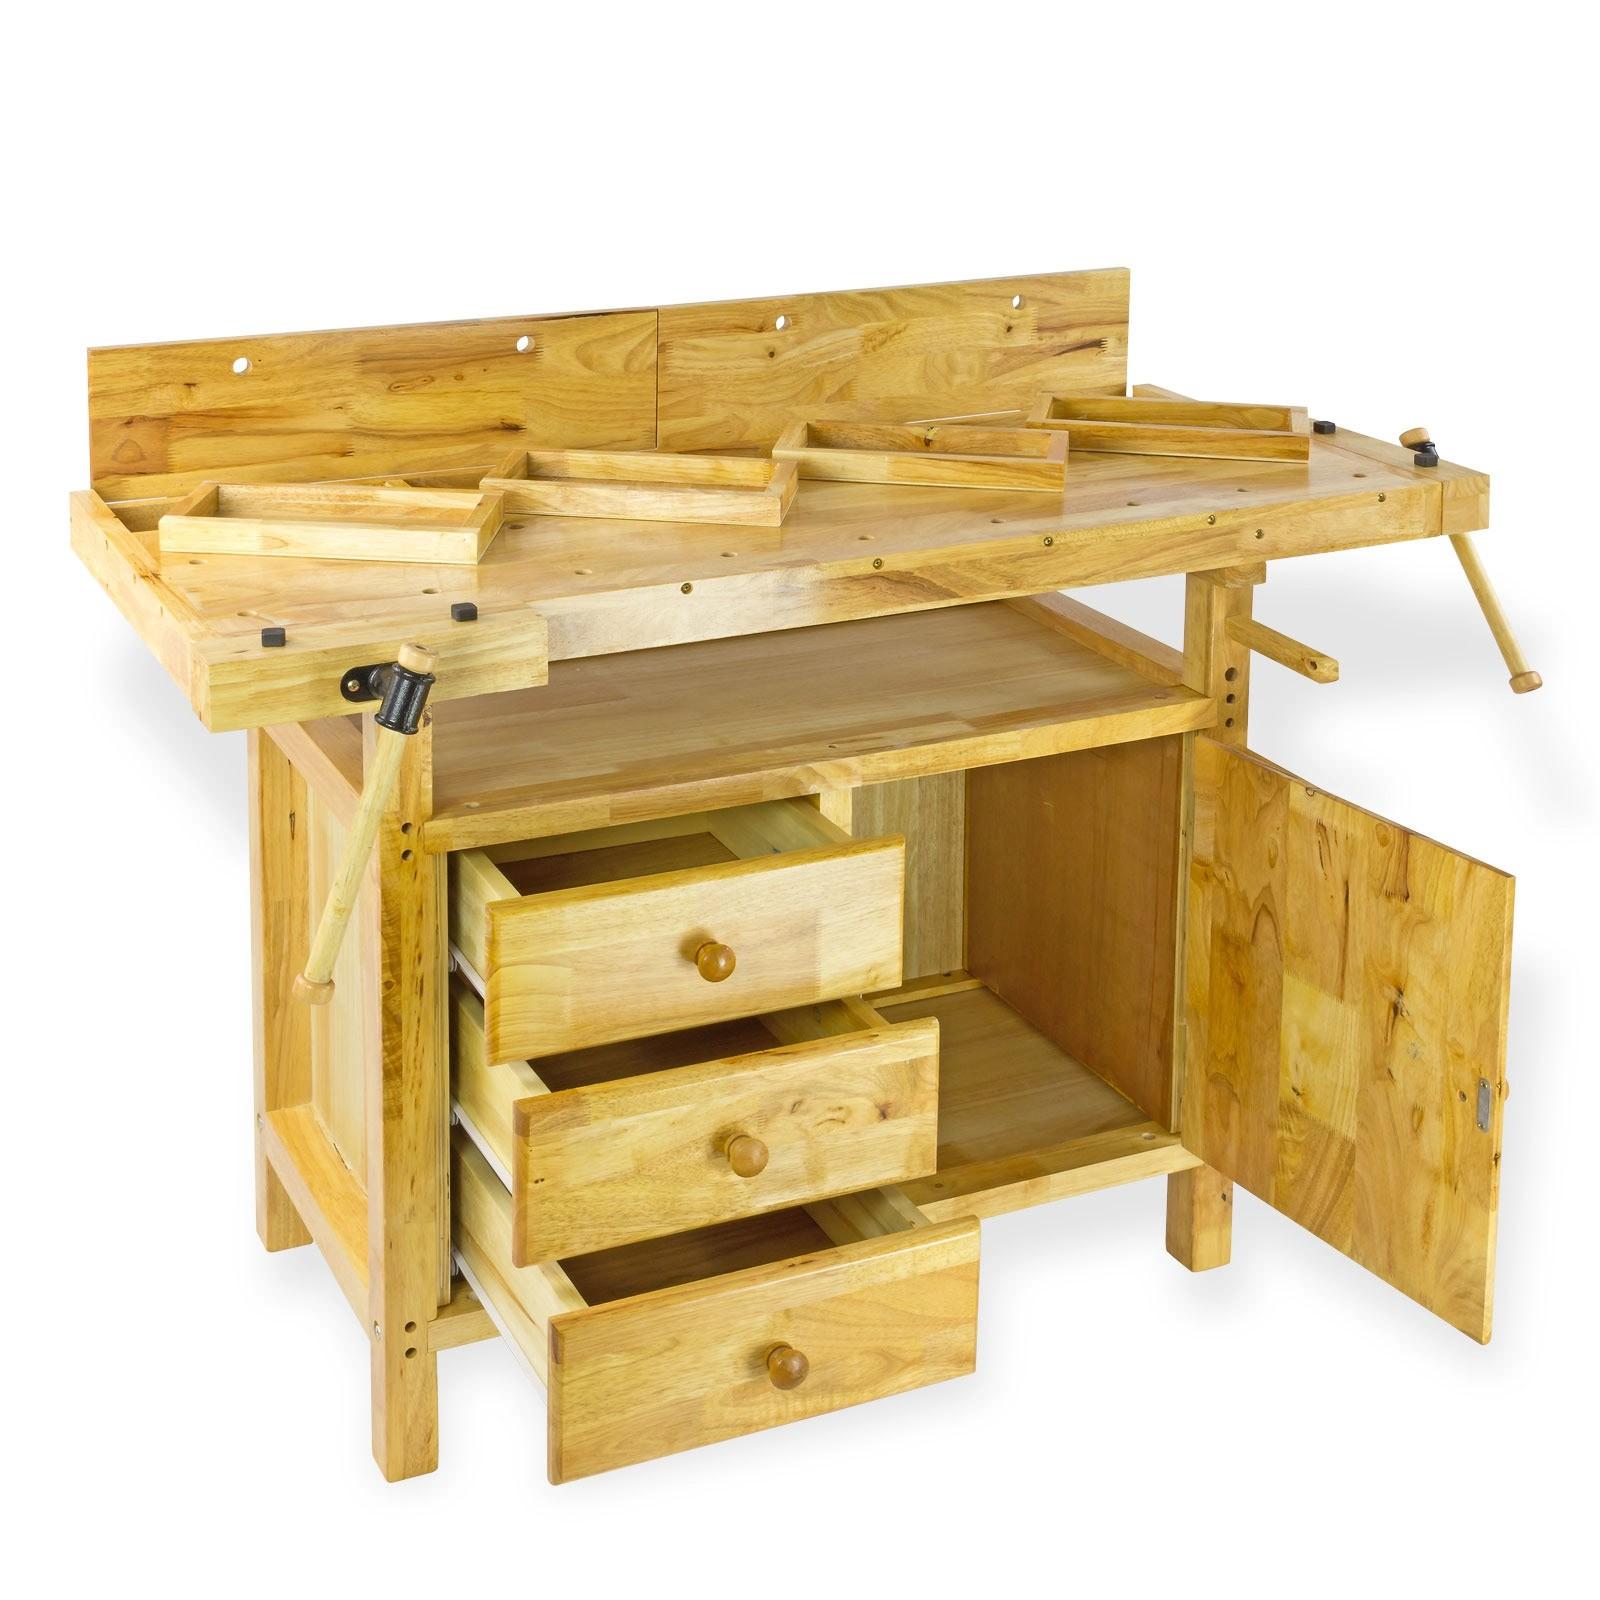 Holz hobelbank – Industriewerkzeuge Ausrüstung